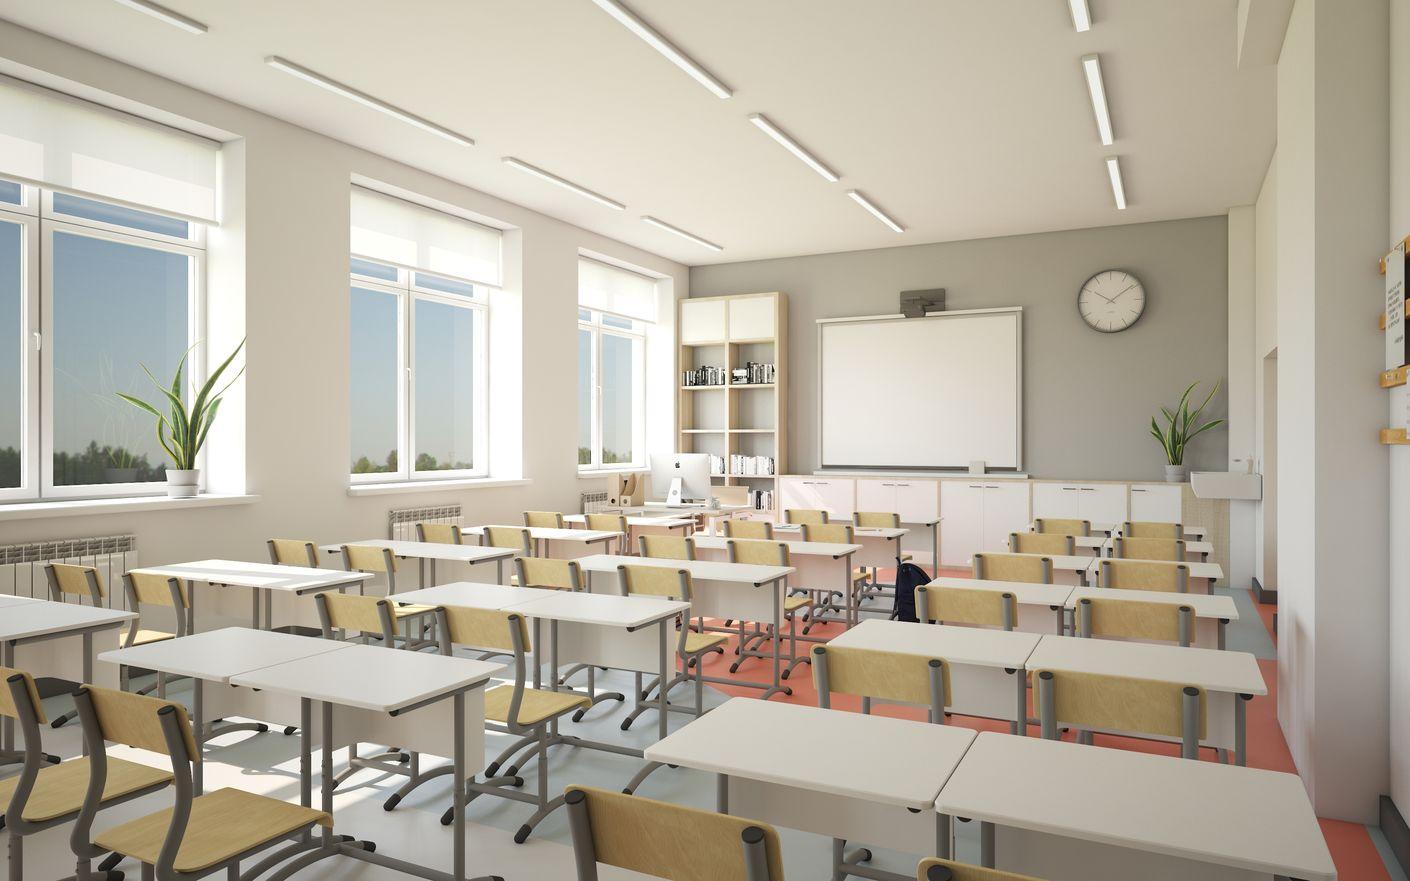 Дизайн образовательных пространств для школ в городе Грозный. Лаборатория дизайна НИУ ВШЭ - hsedesignlab.ru